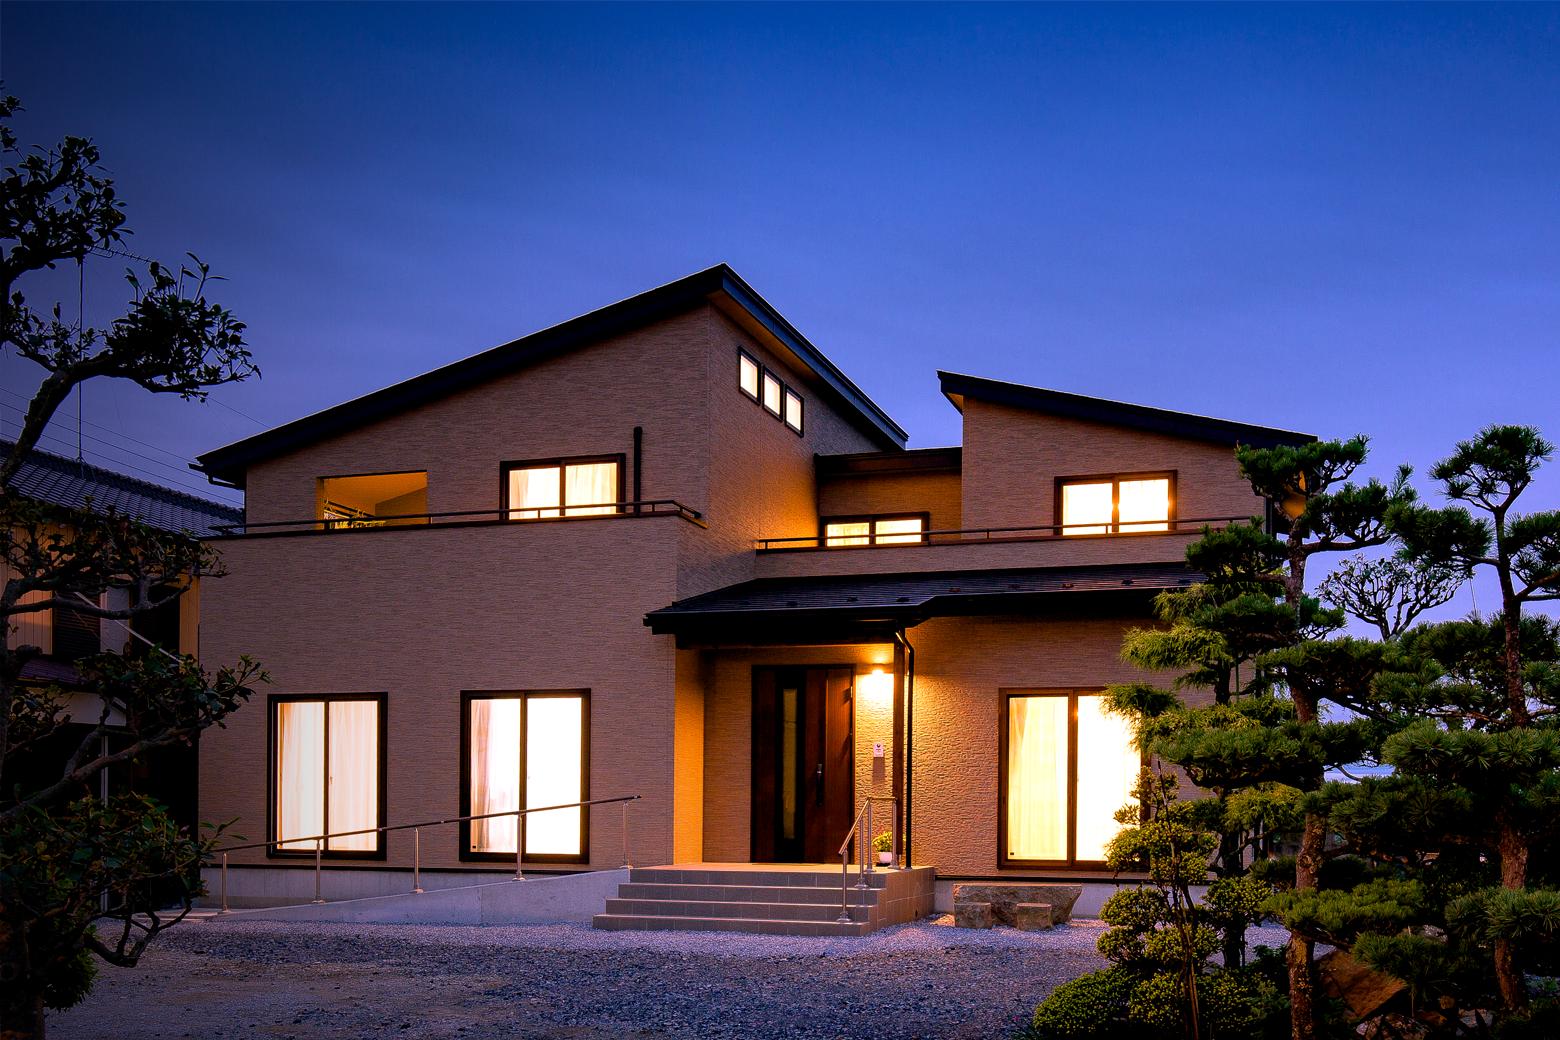 3世帯建築事例画像-2